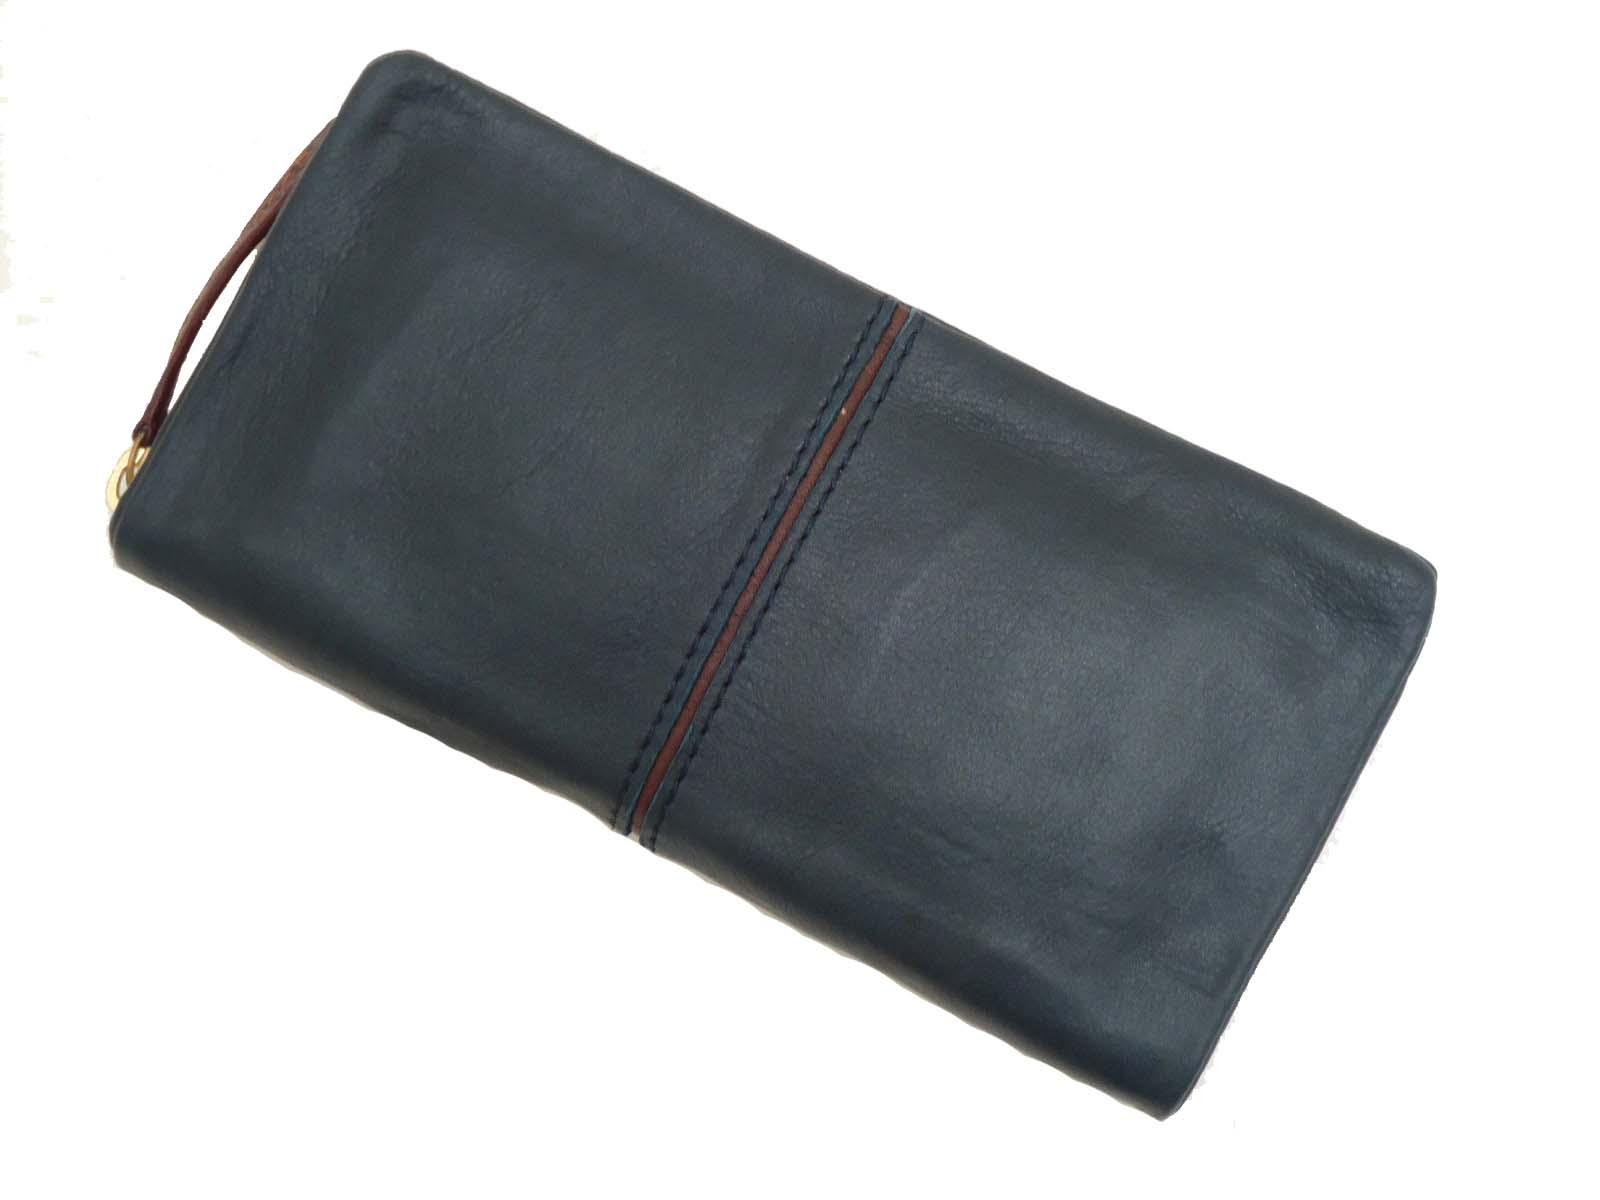 BAGGY PORT バギーポート フルクロームツートン ラウンドファスナー長財布(束入れ) HRD-400